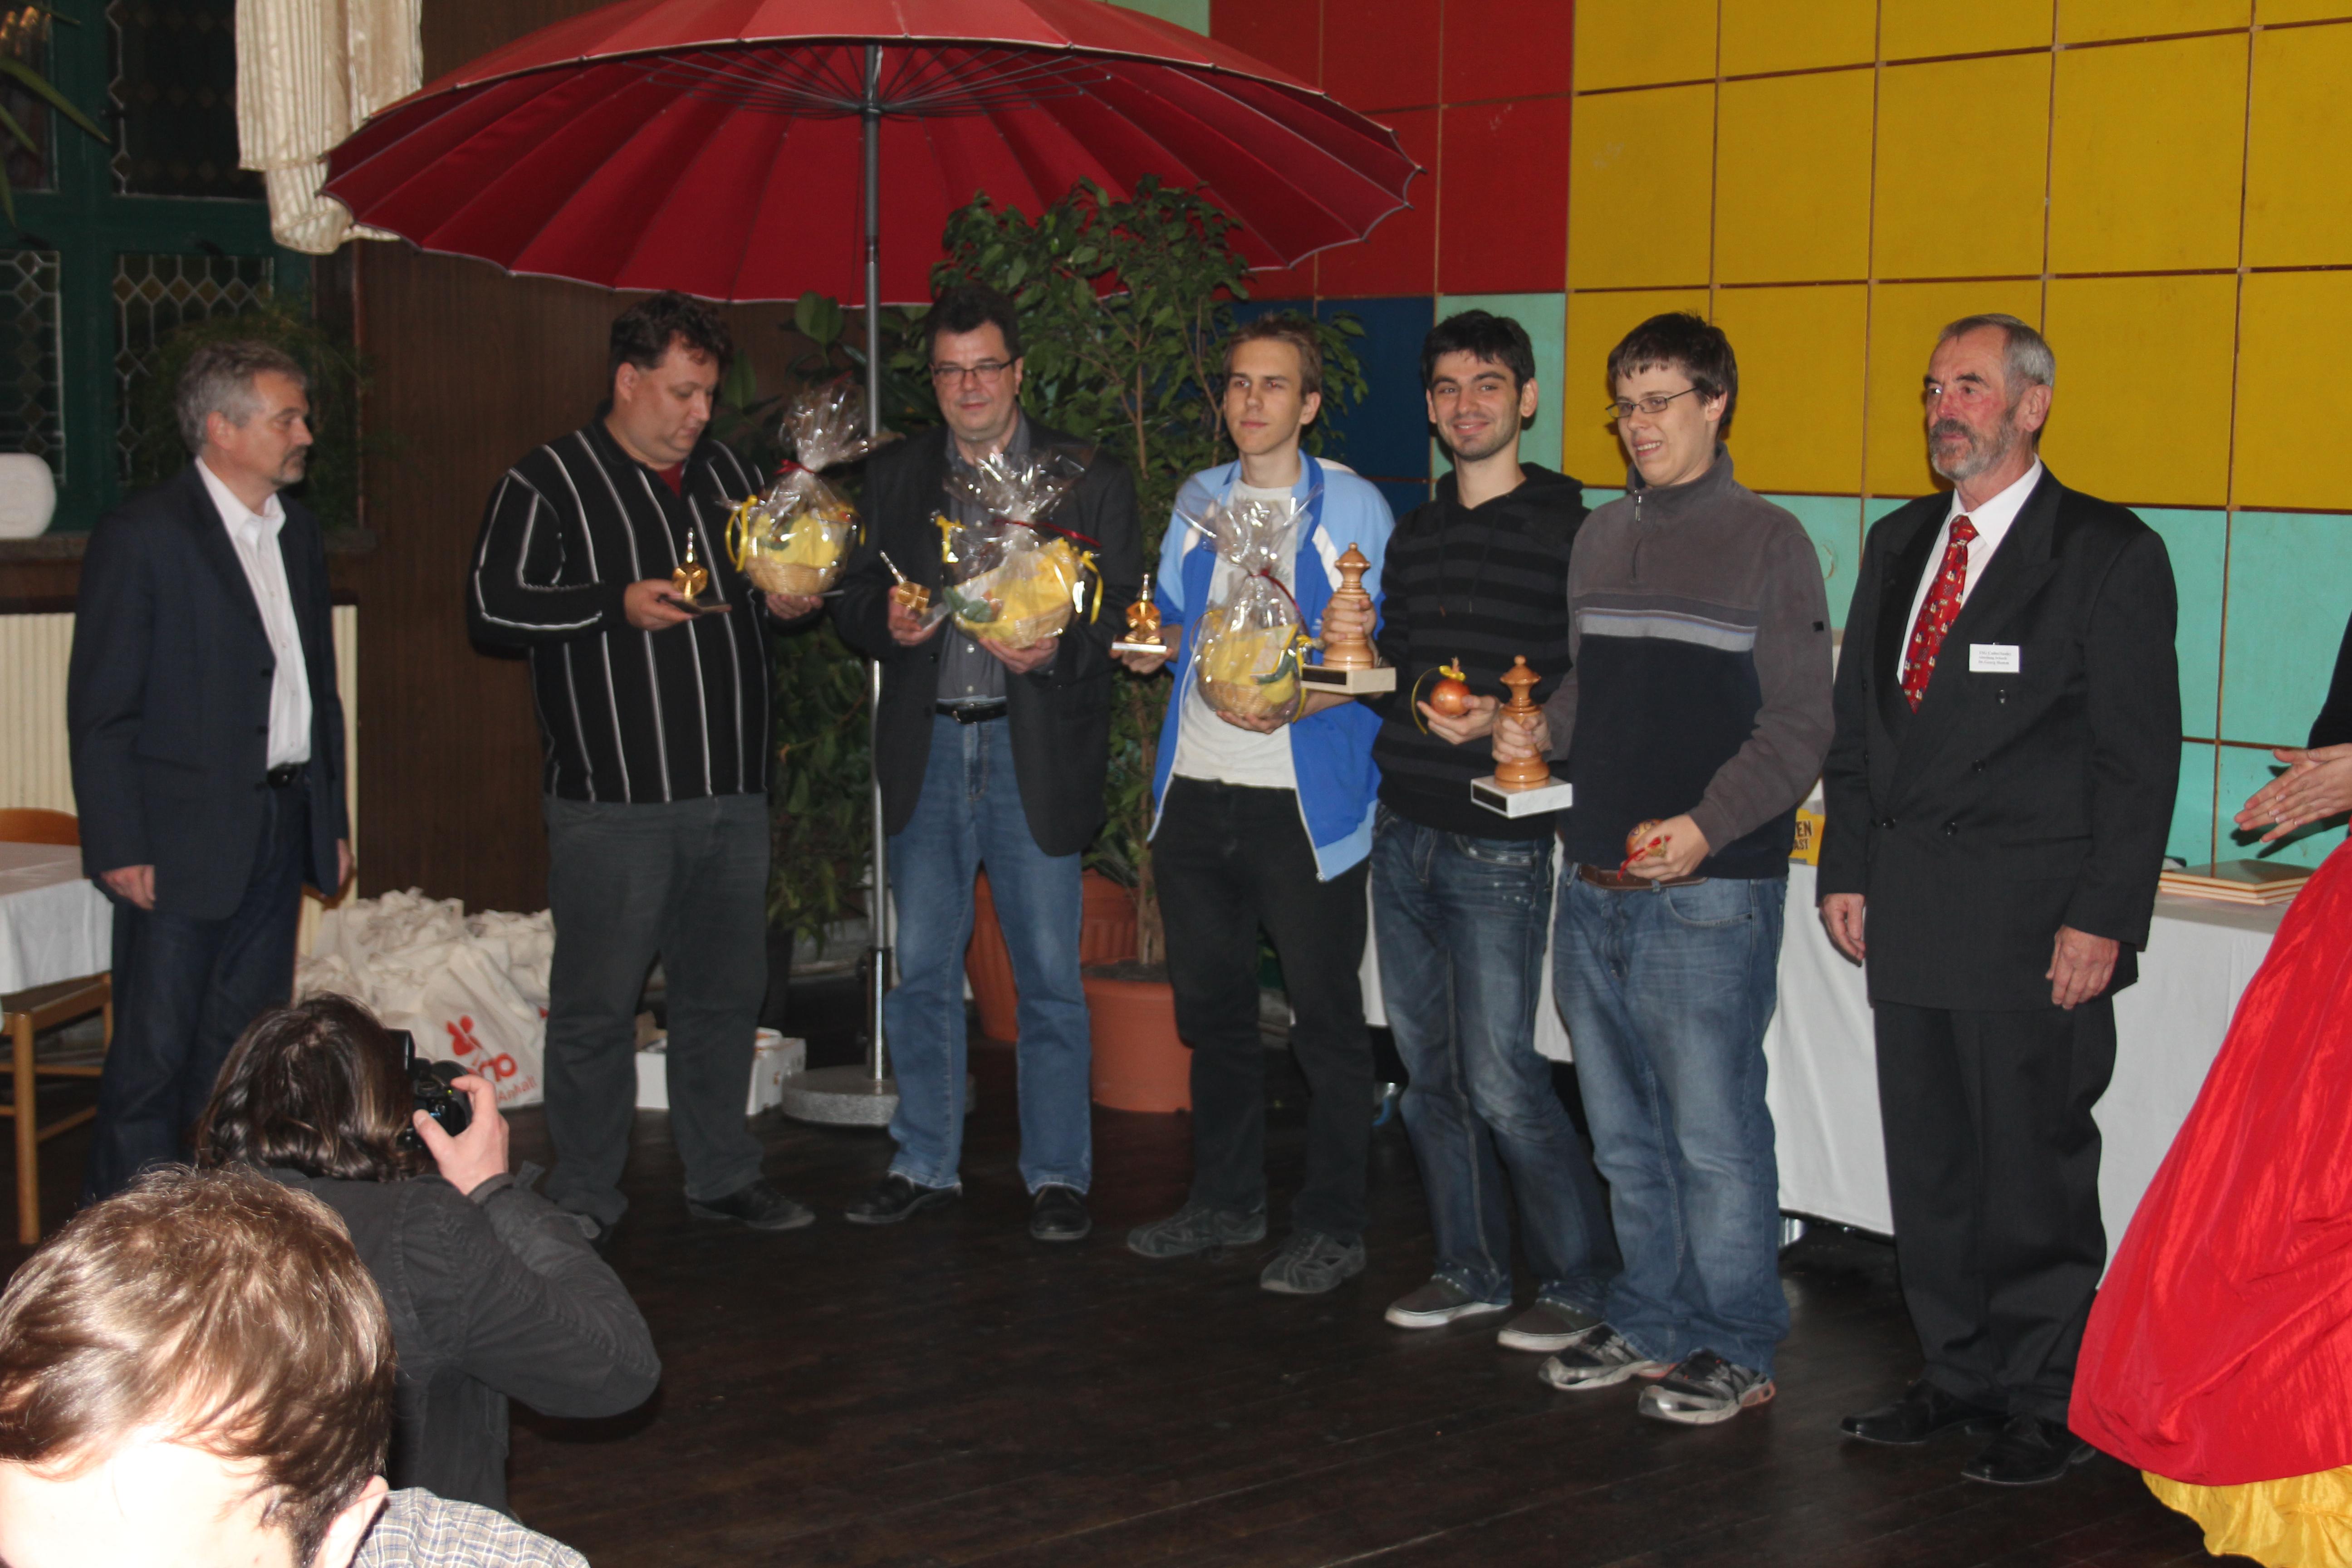 38 Deutsche Meisterschaft Im Blitzschach 2011 In Calbe Saale